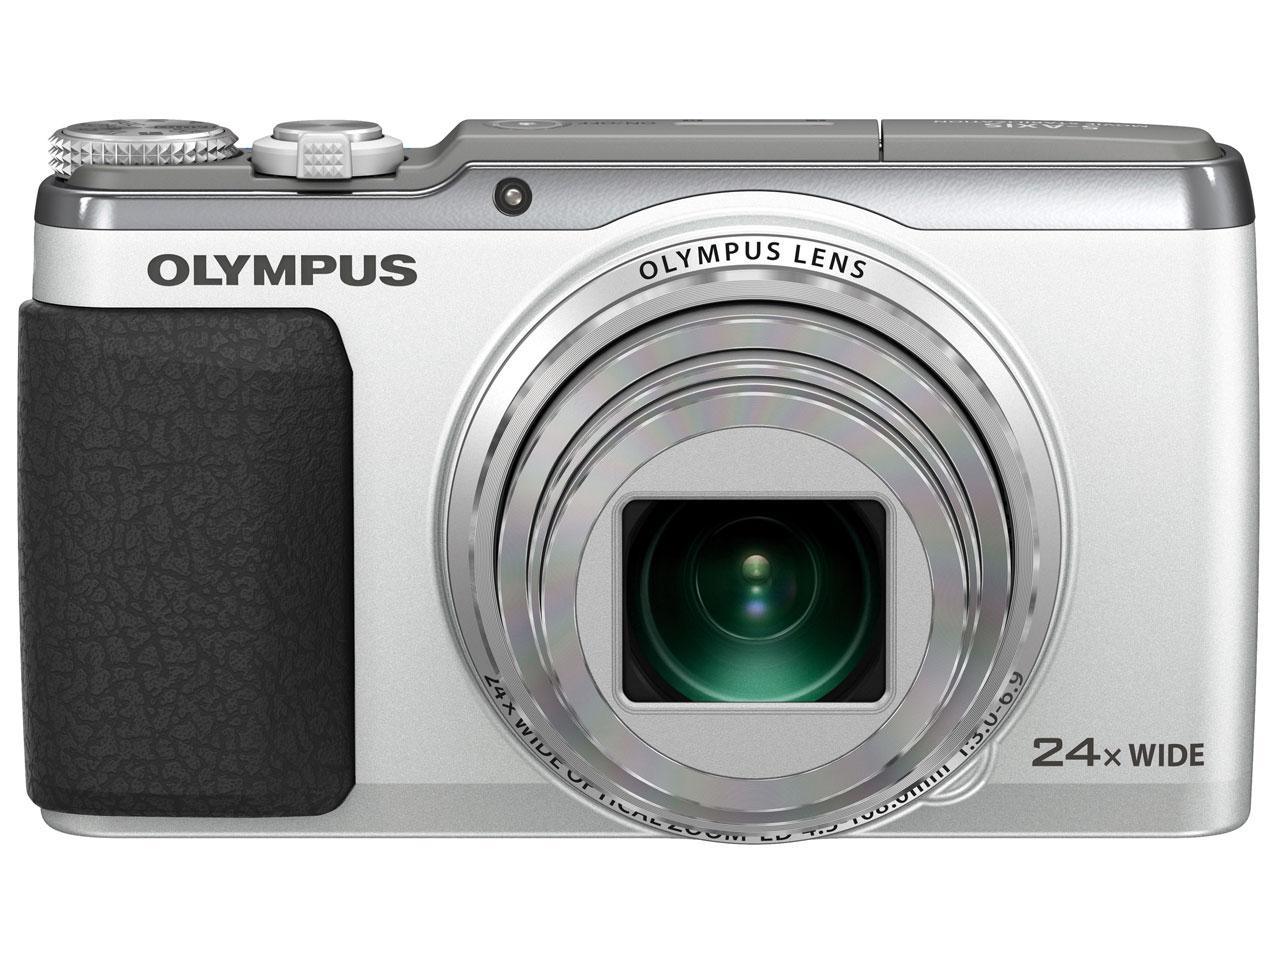 オシャレなカメラ女子にぴったり!【OLYMPUS STYLUS SH-60】